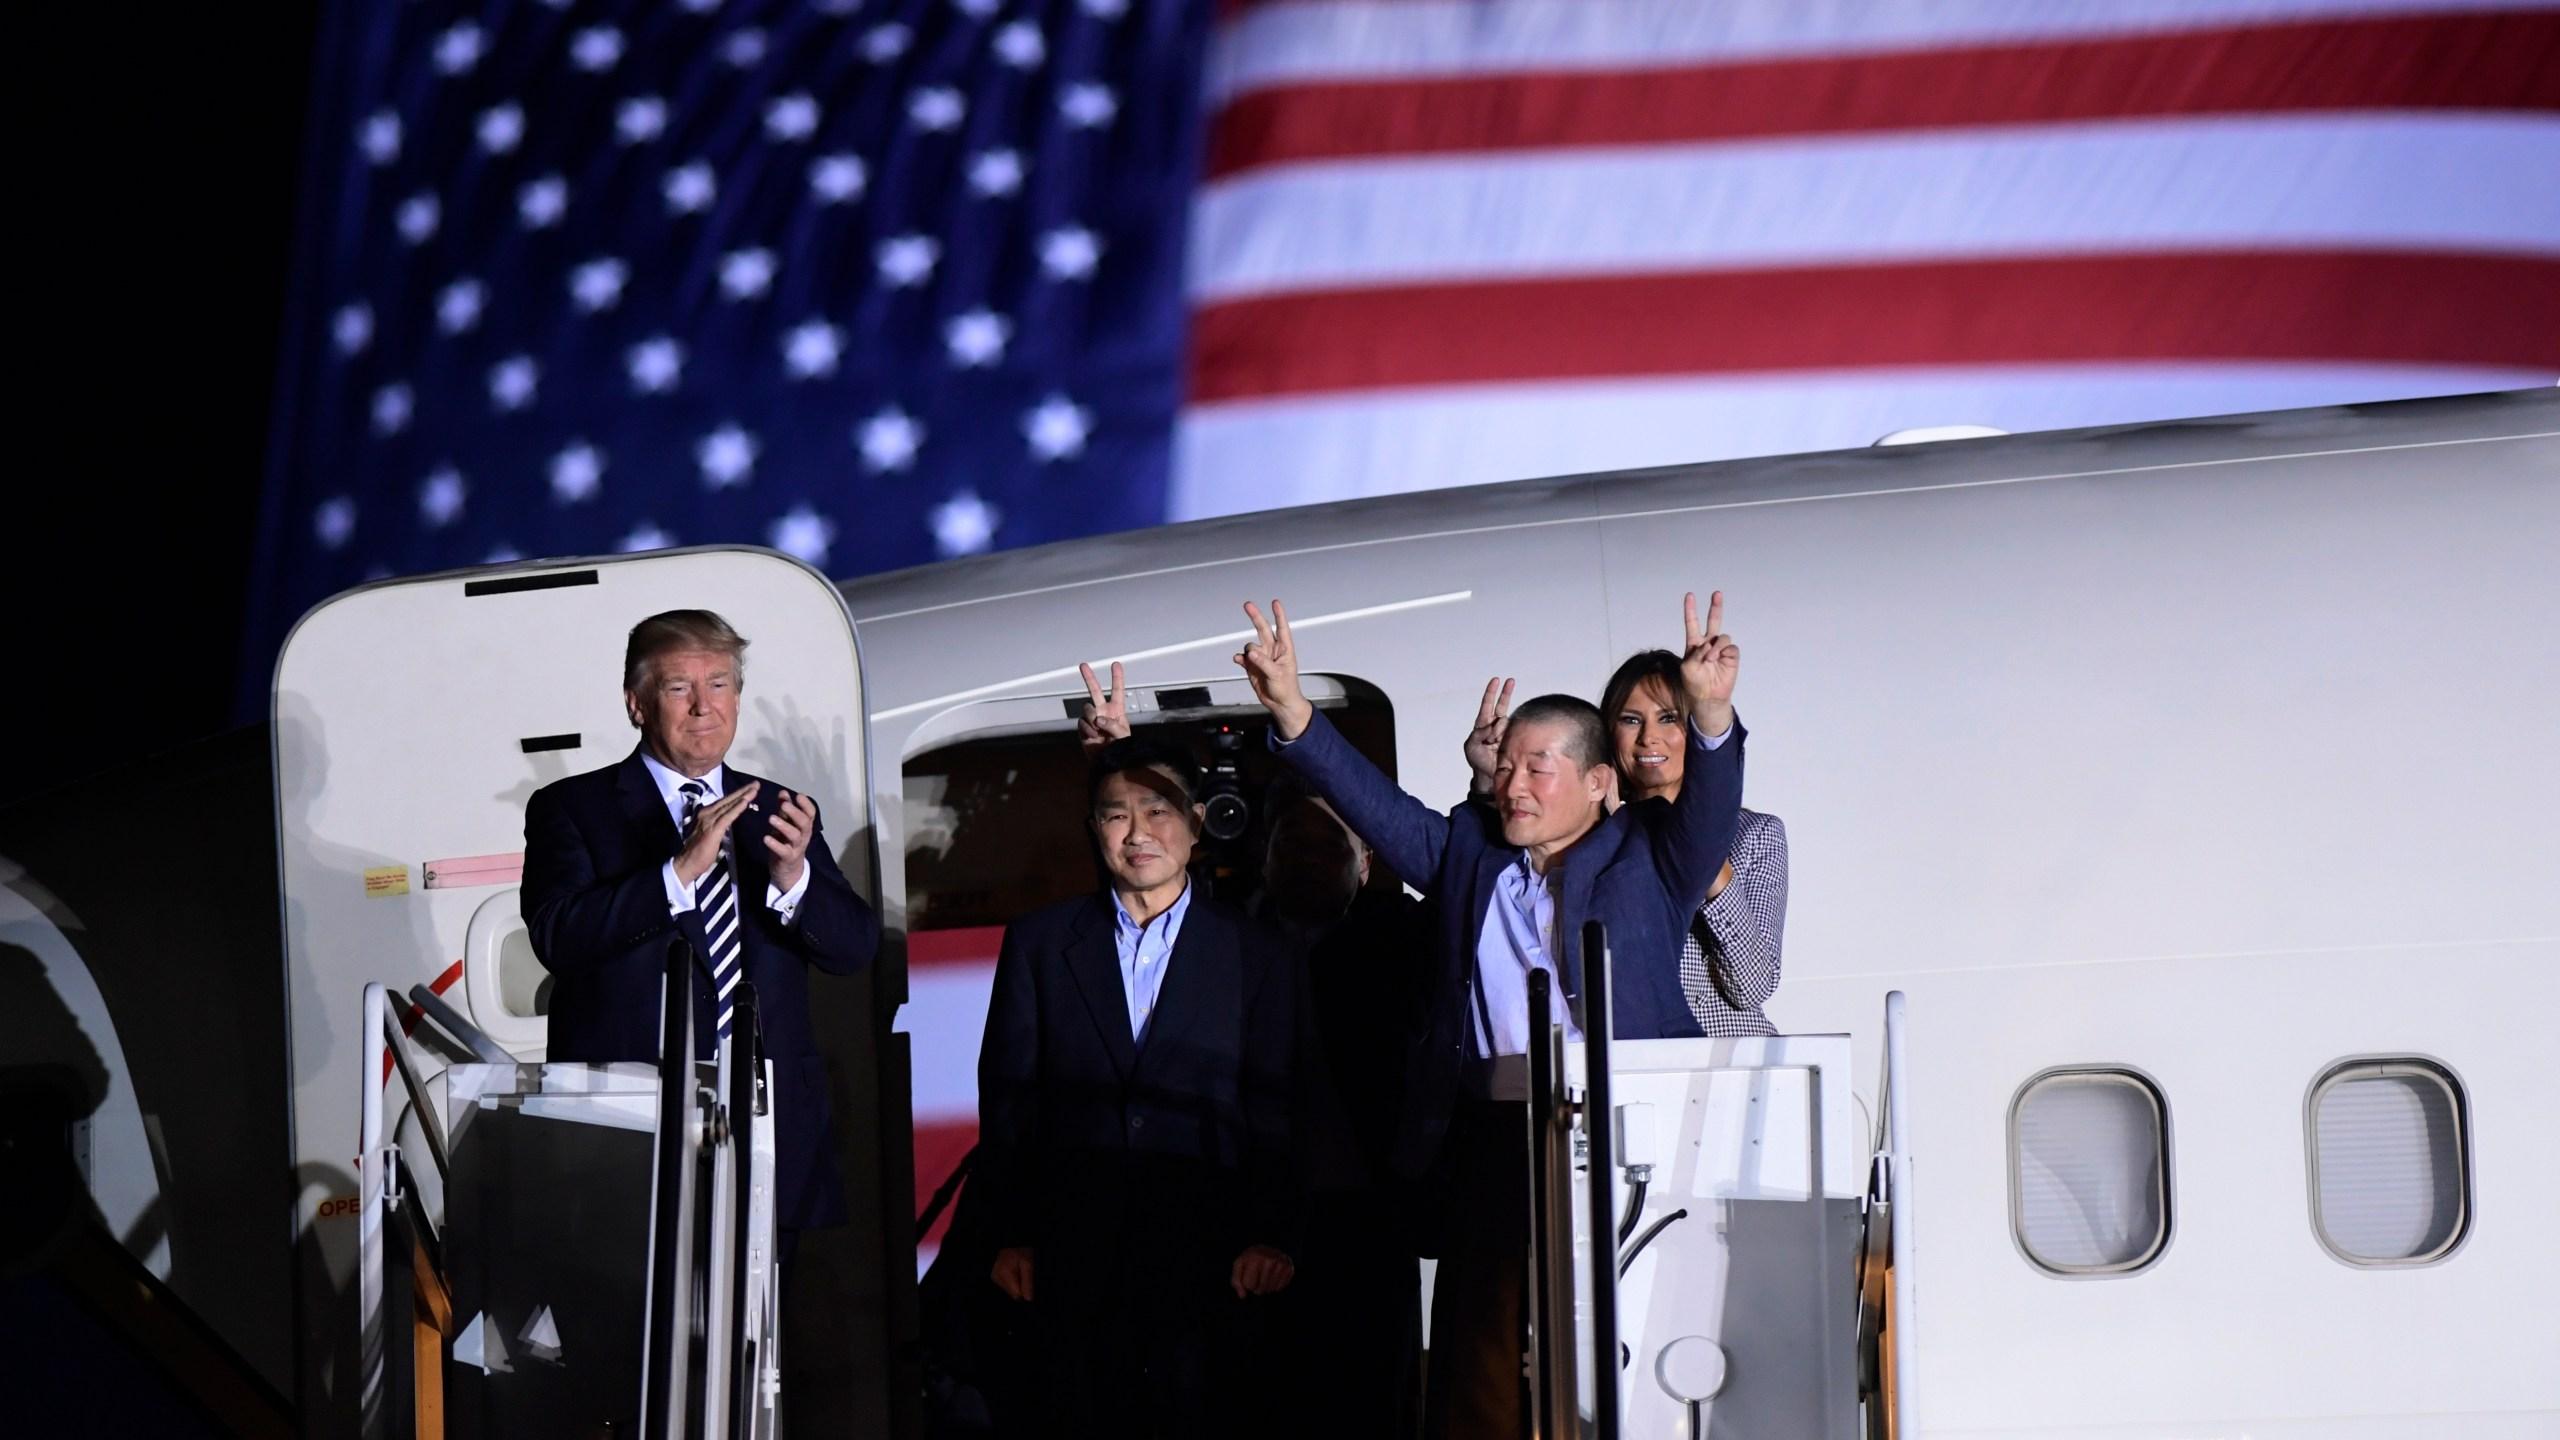 APTOPIX_Trump_North_Korea_30354-159532.jpg25472292